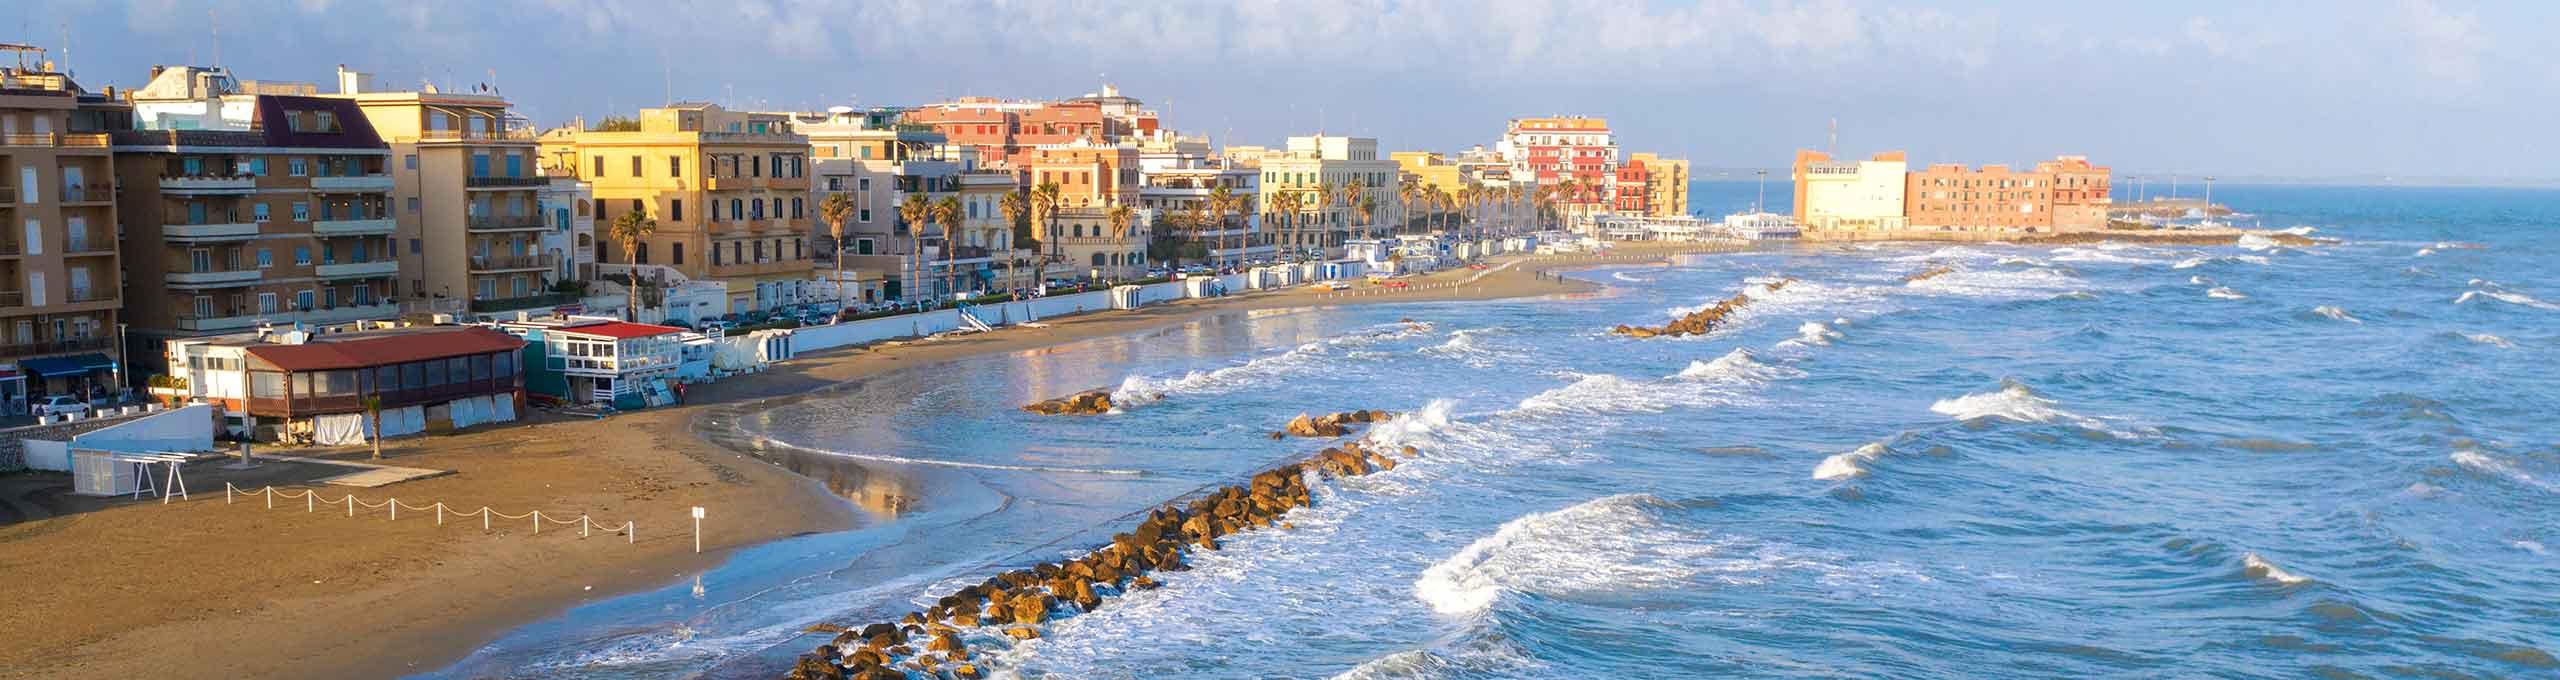 Litorale romano, la costa di Anzio